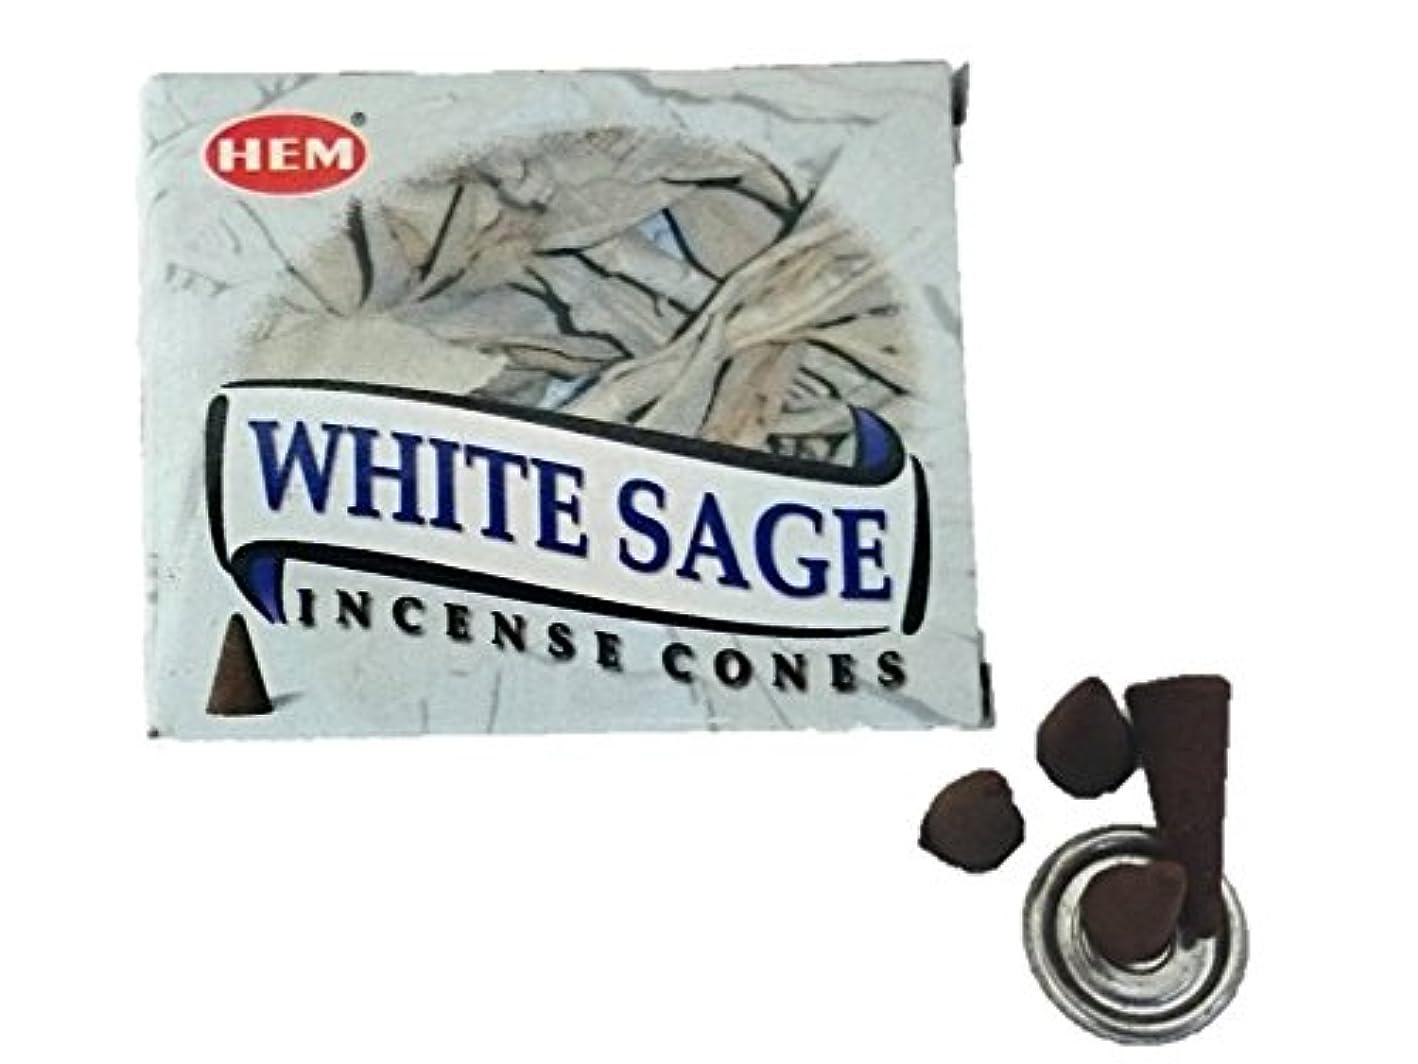 磁石確かめるアプトHEM(ヘム)お香 ホワイトセージ コーン 1箱